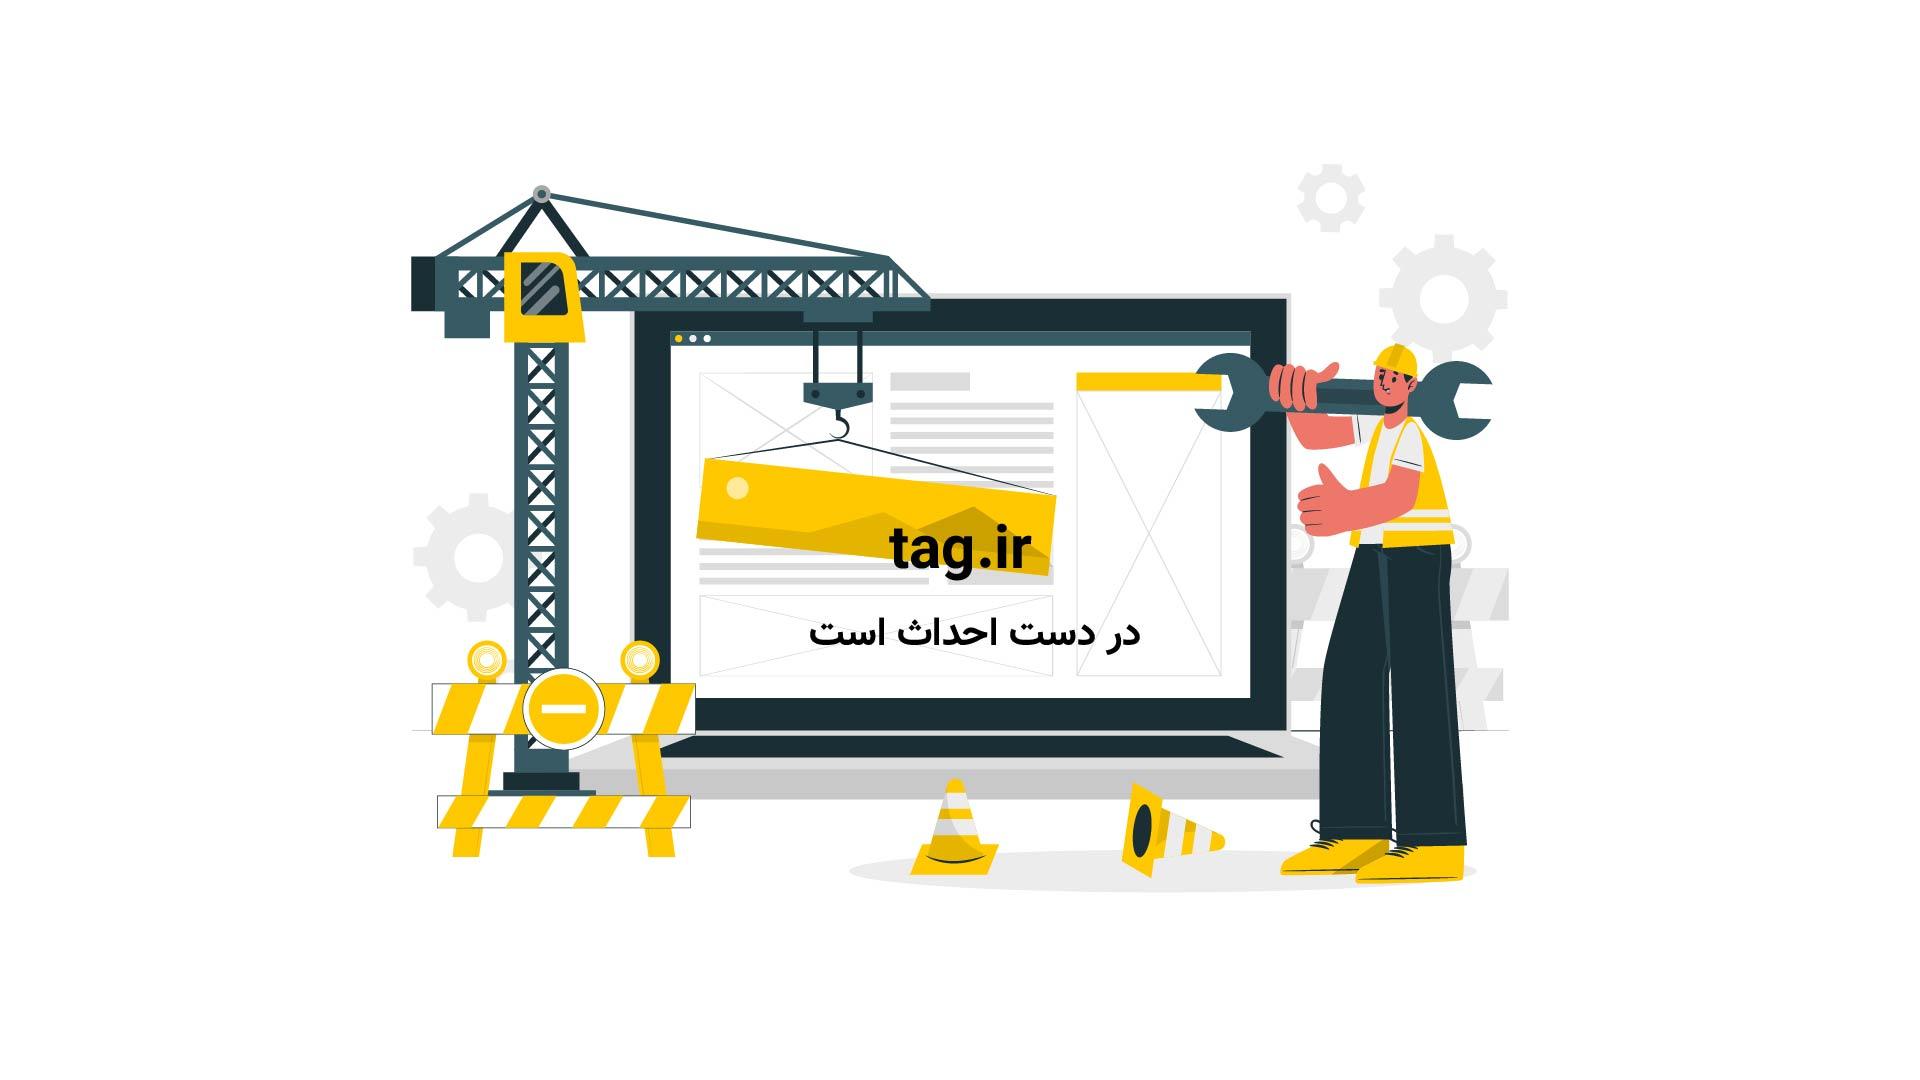 تصاویری مهیج از شکار روباه توسط عقاب تعلیم دیده | فیلم